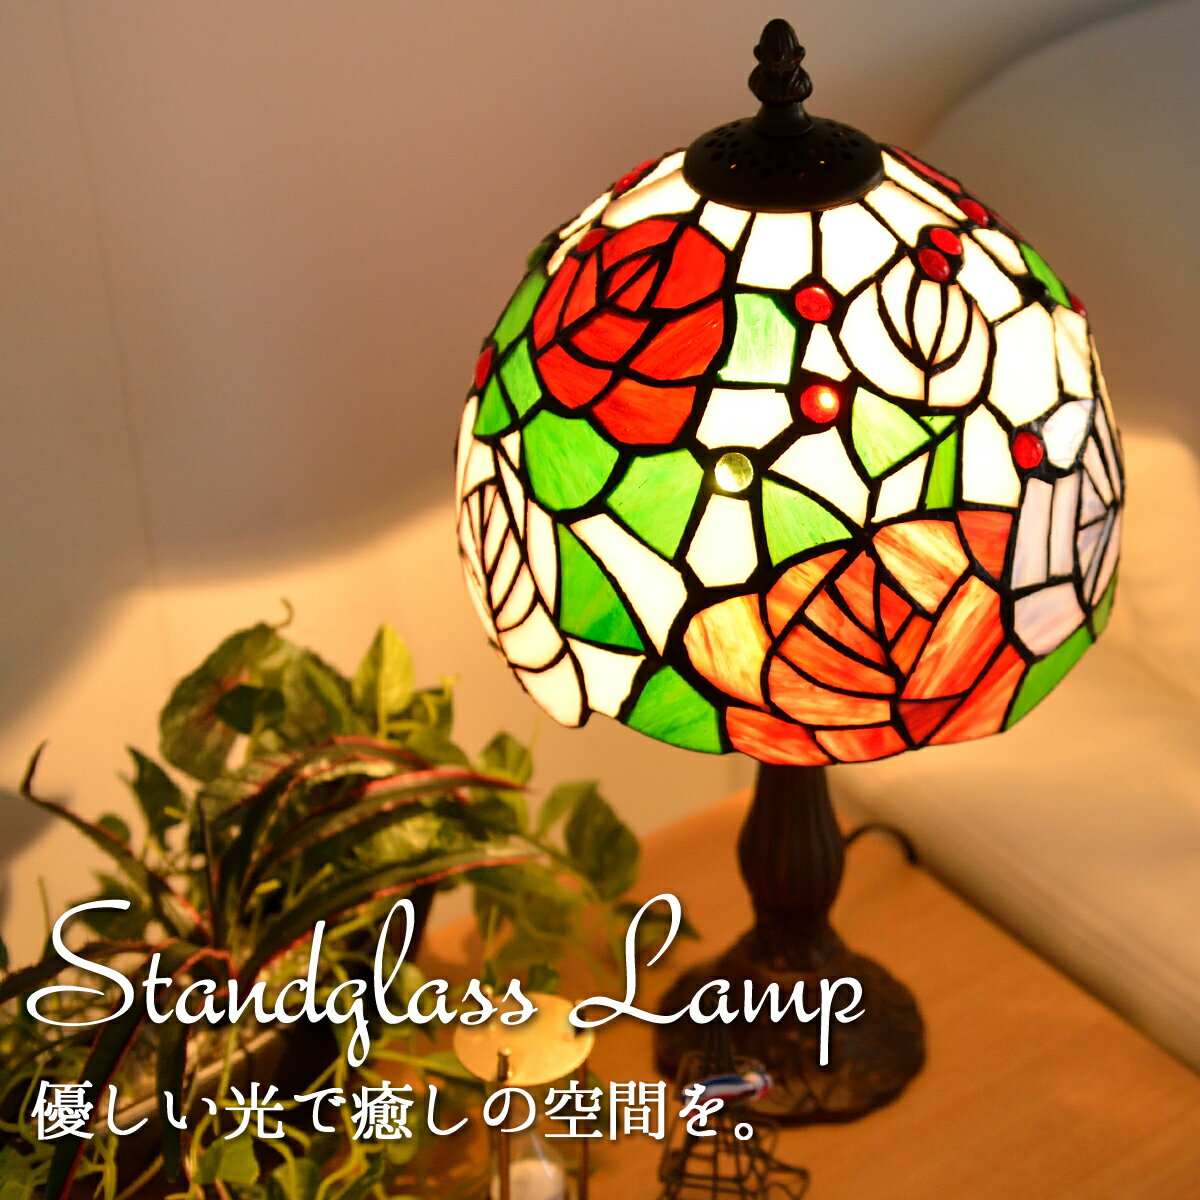 光の芸術!あたたかい光で優しく癒します 癒しのステンドランプ ローズボール ST-3903B4 お祝い事やイベント・プレゼントにも最適 ステンドライト ステンドグラスランプ【tk】